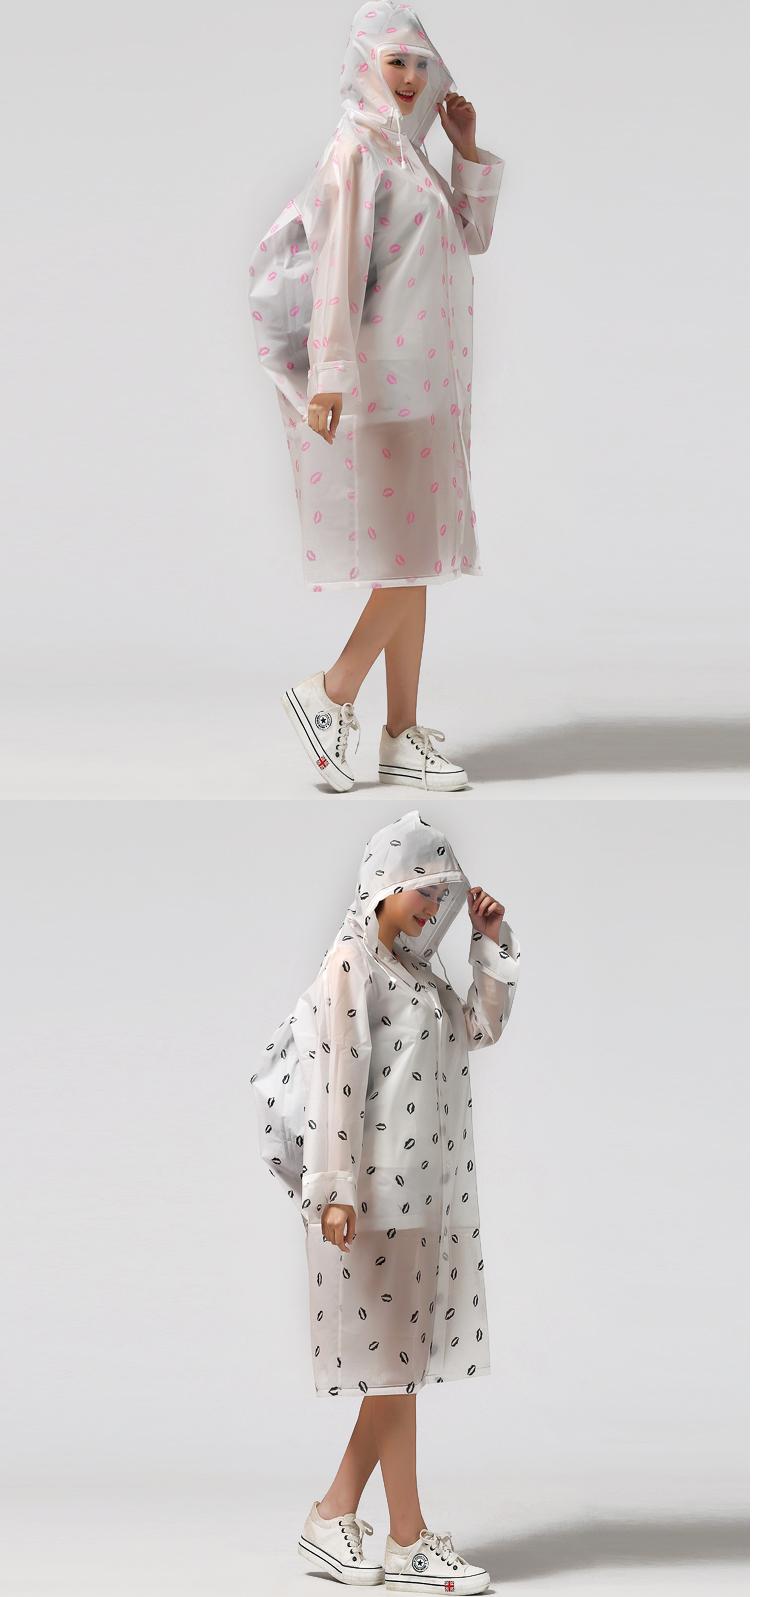 Women Transparent Portable Long Raincoats 20